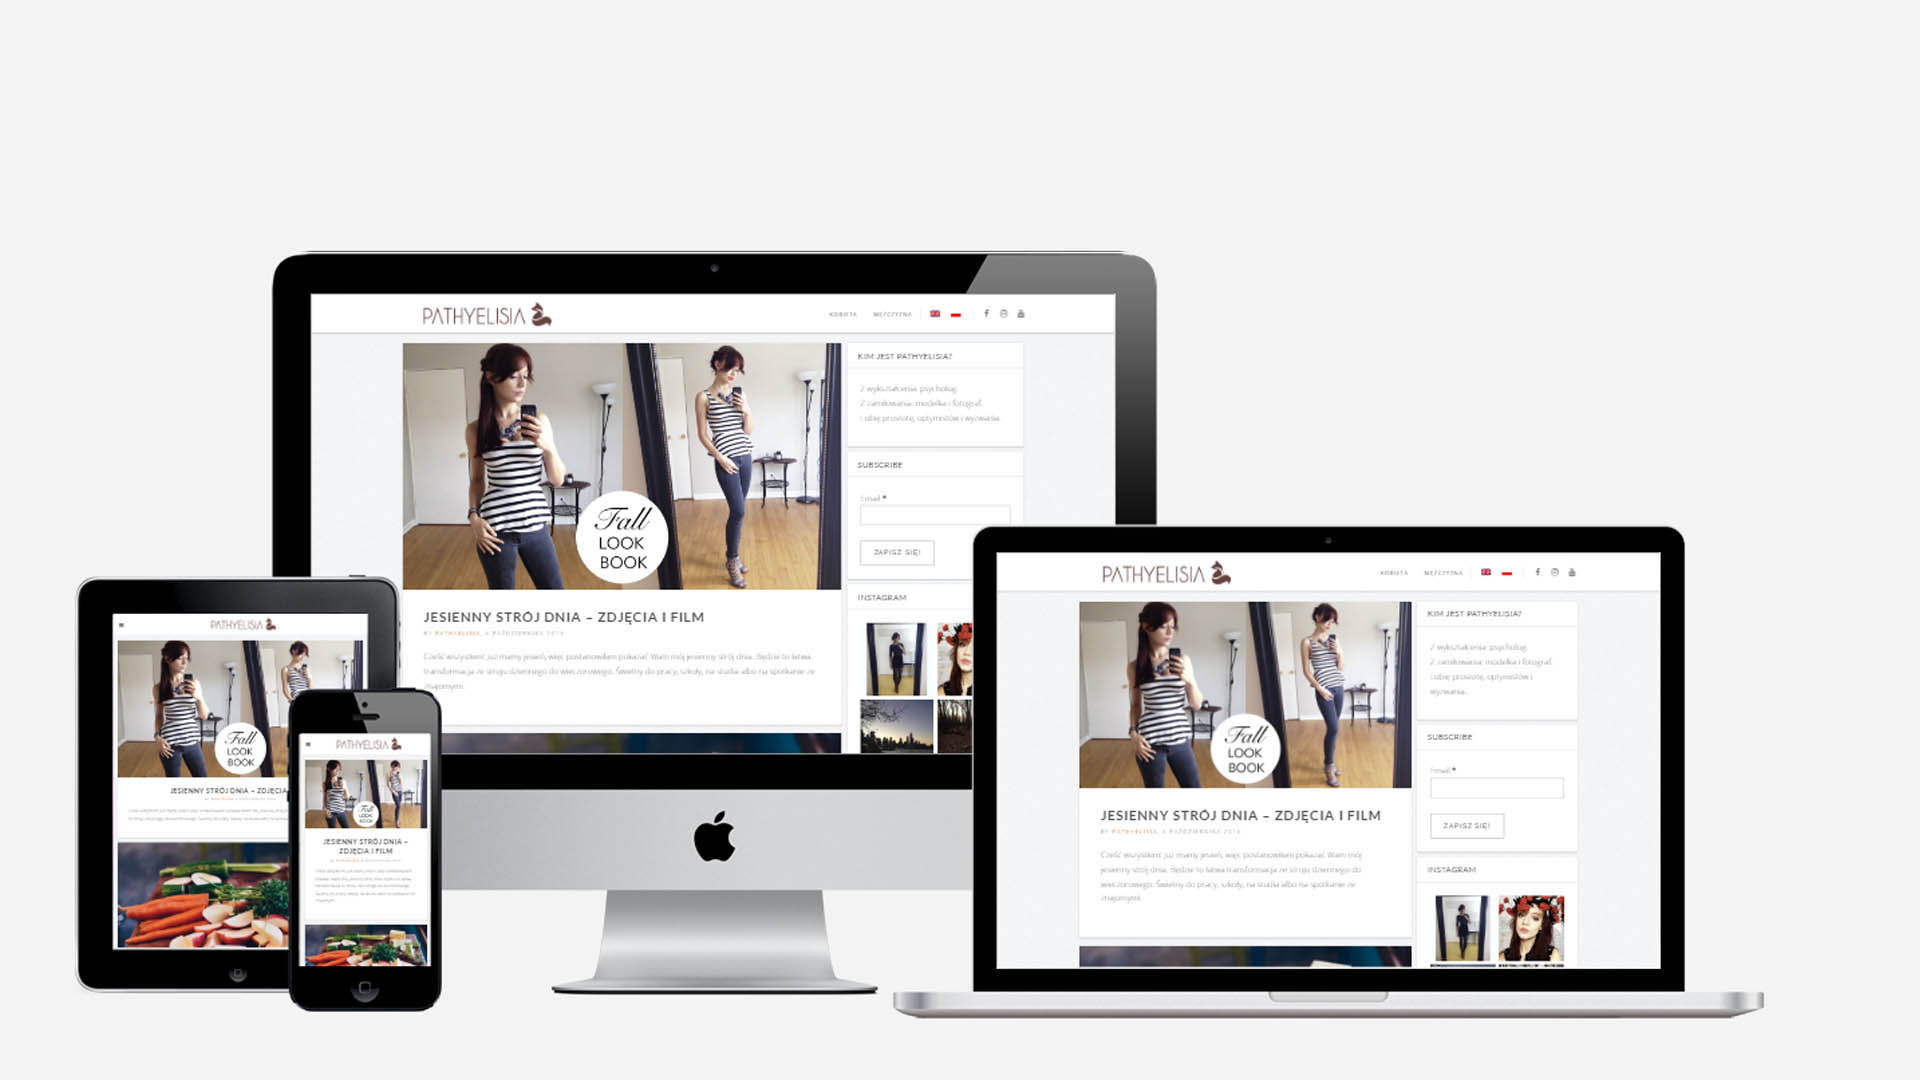 Thiết kế web bán hàng quần áo thời trang theo phong cách độc đáo